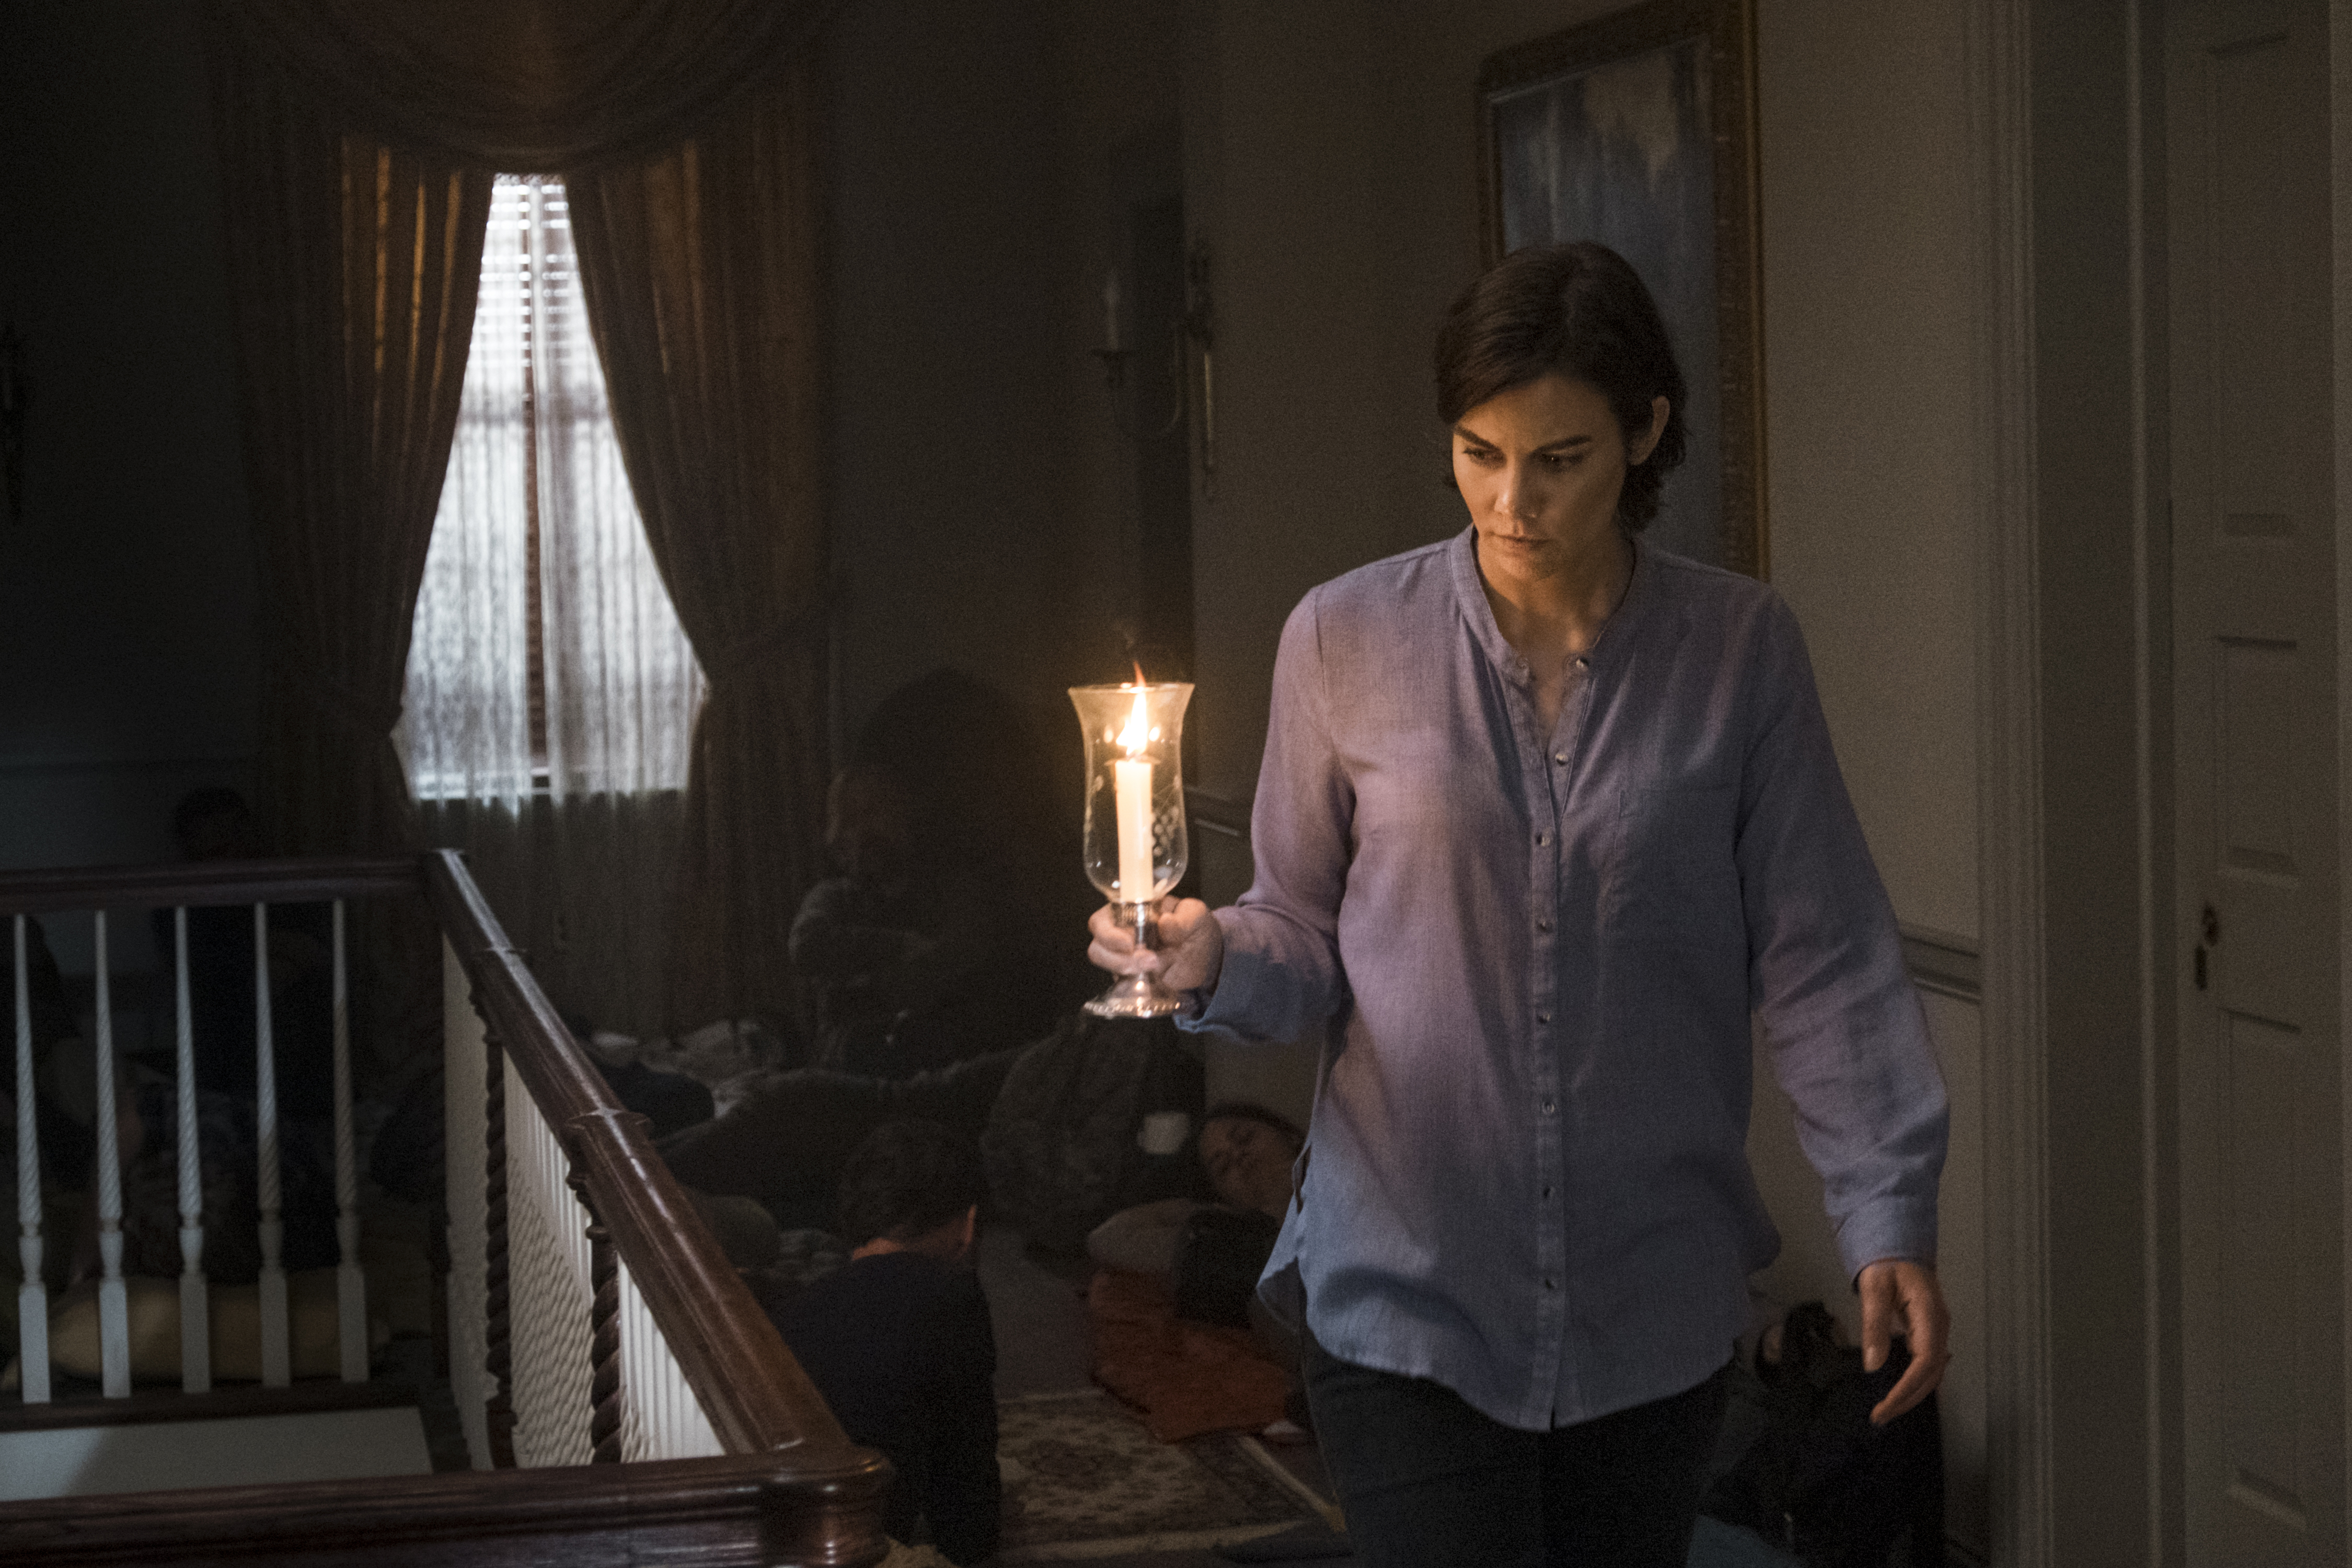 Maggie Greene (Lauren Cohan) découvre avec horreur le plan de Negan - The Walking Dead Saison 8 Épisode 13 - Crédit photo: Gene Page/AMC